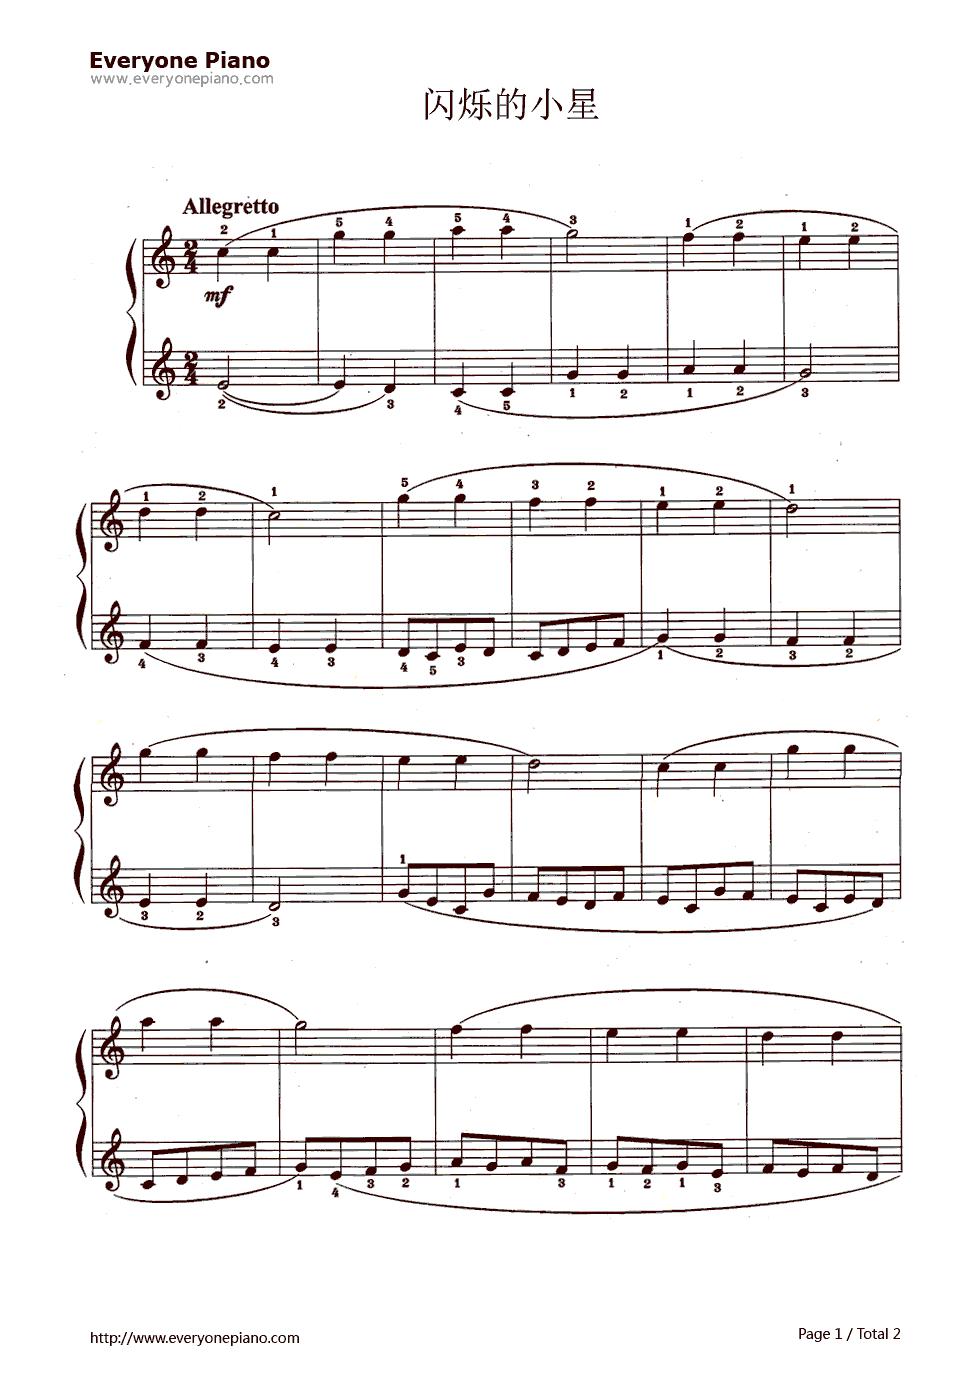 钢琴曲谱 练习曲 闪烁的小星 闪烁的小星五线谱预览1  }  仅供学习